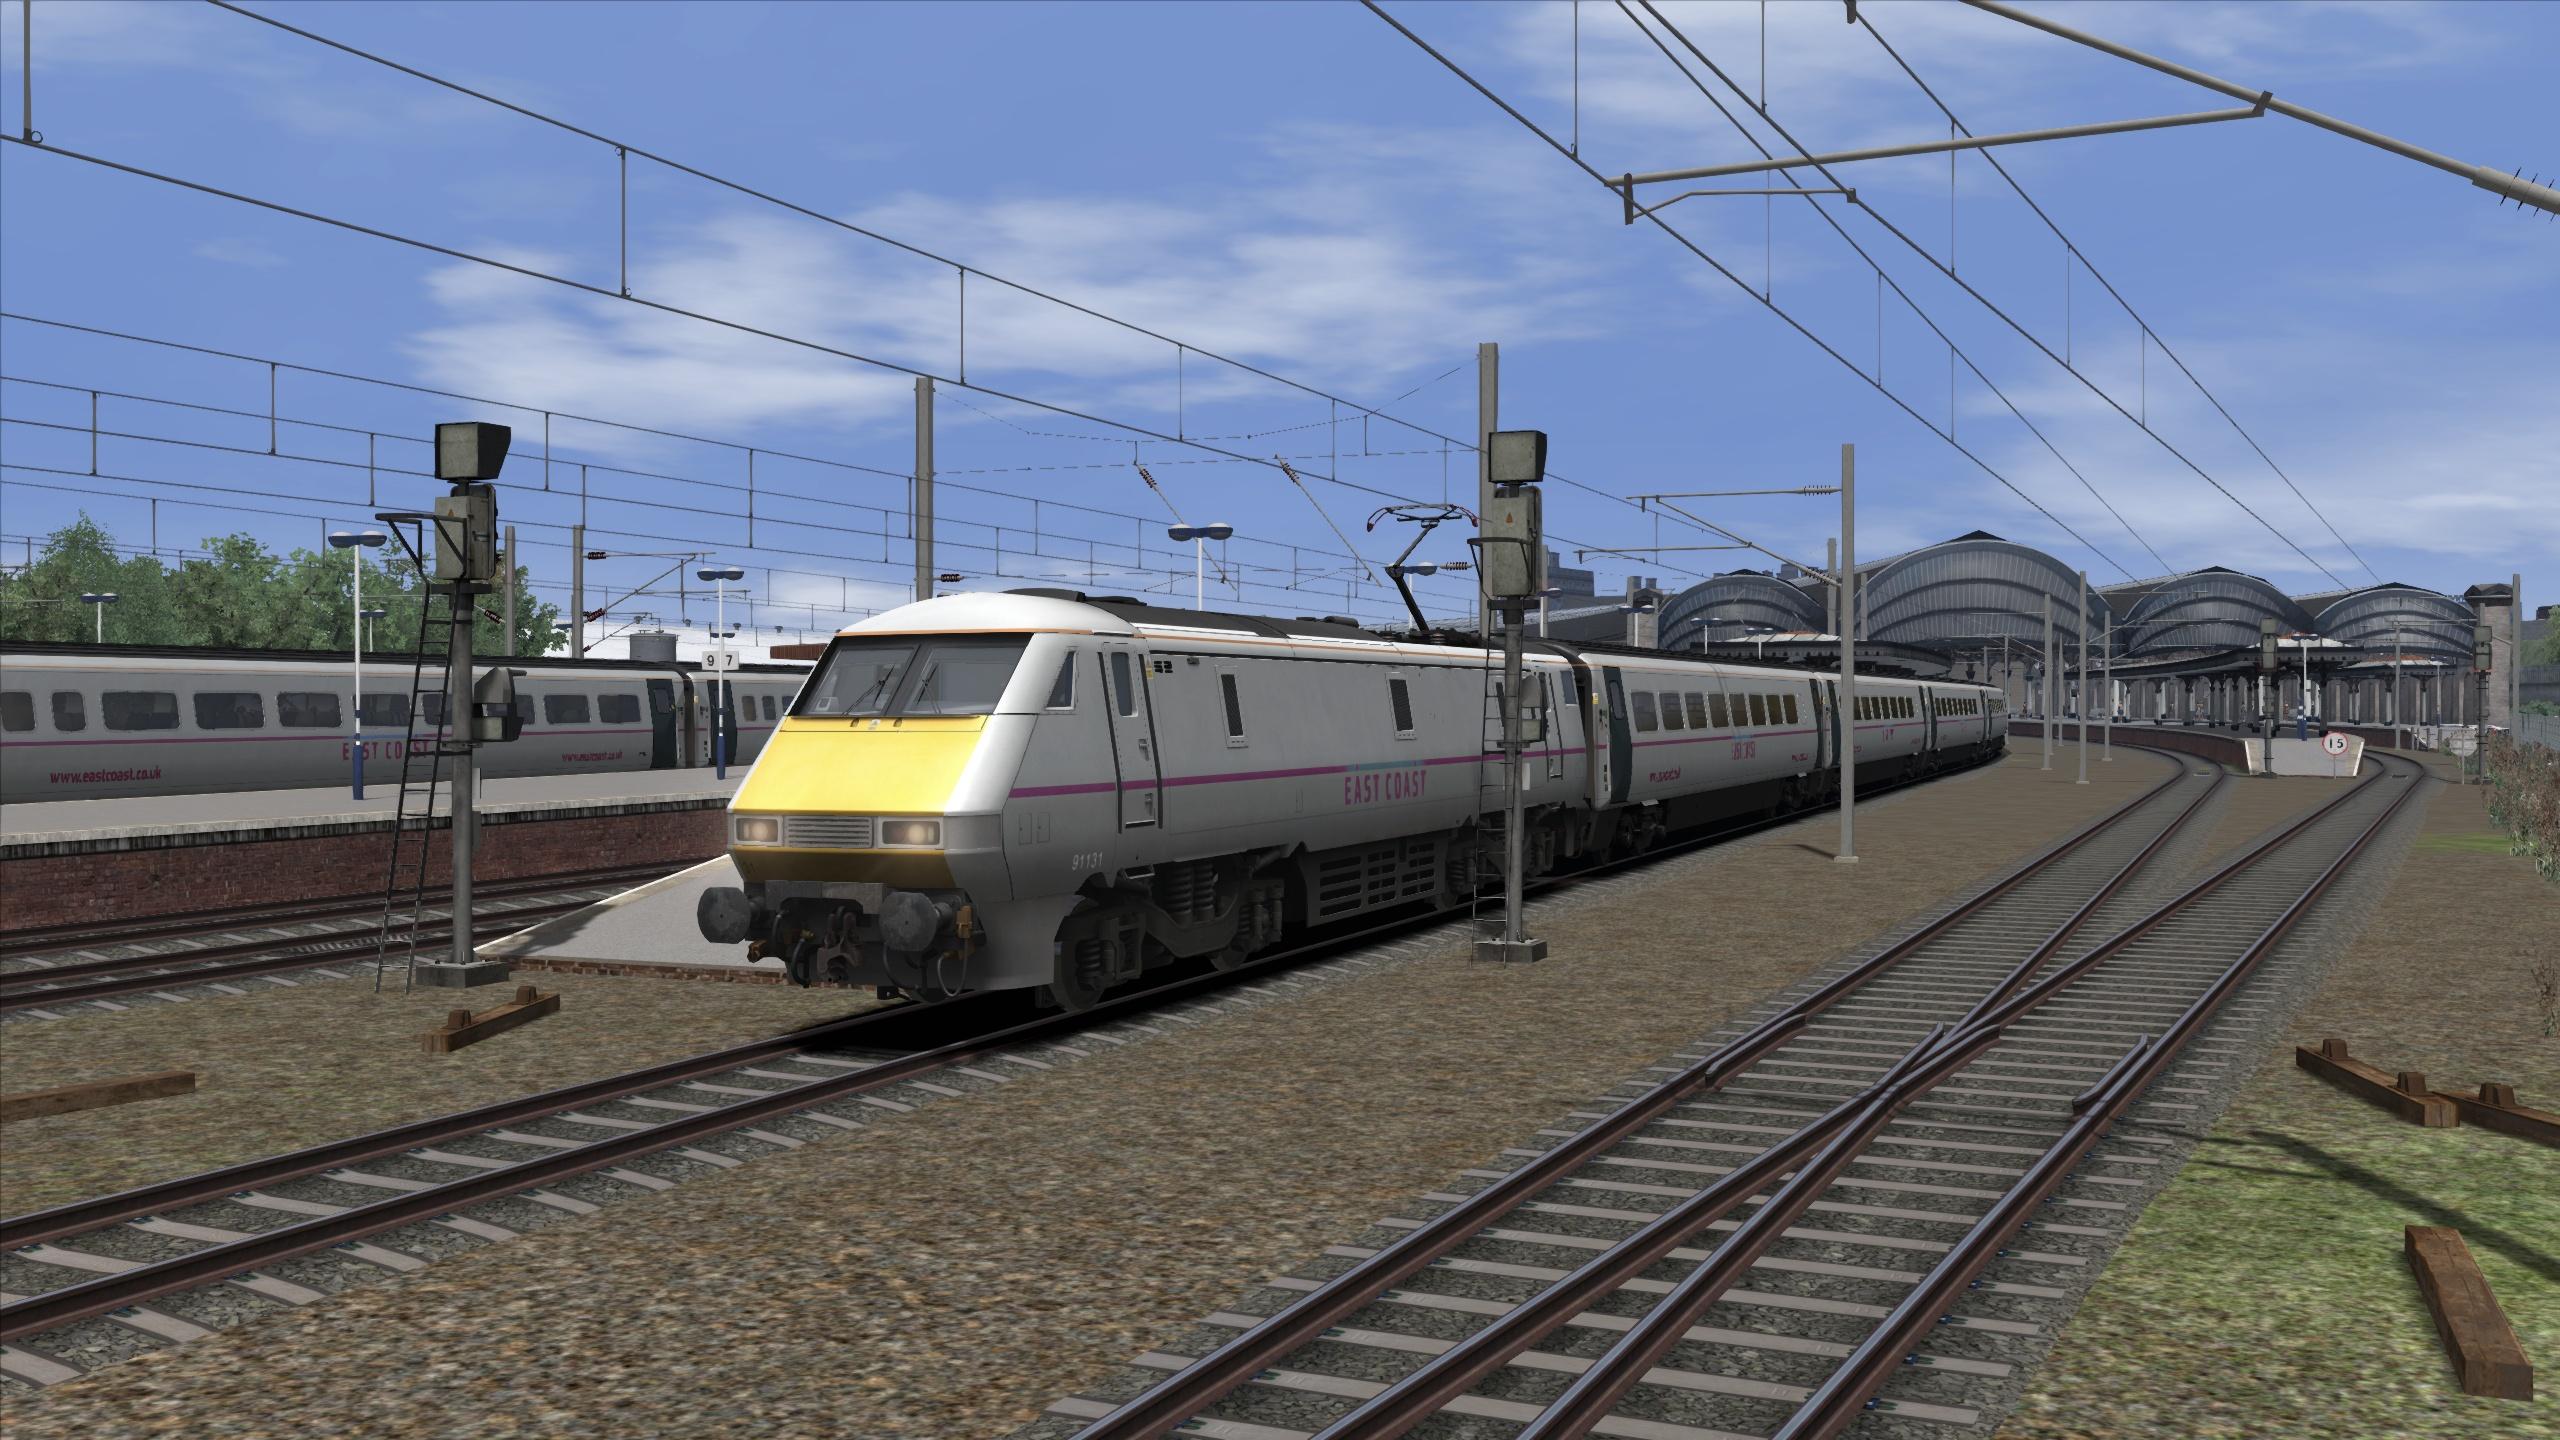 Screenshot_ECML_York_Peterborough_53_955